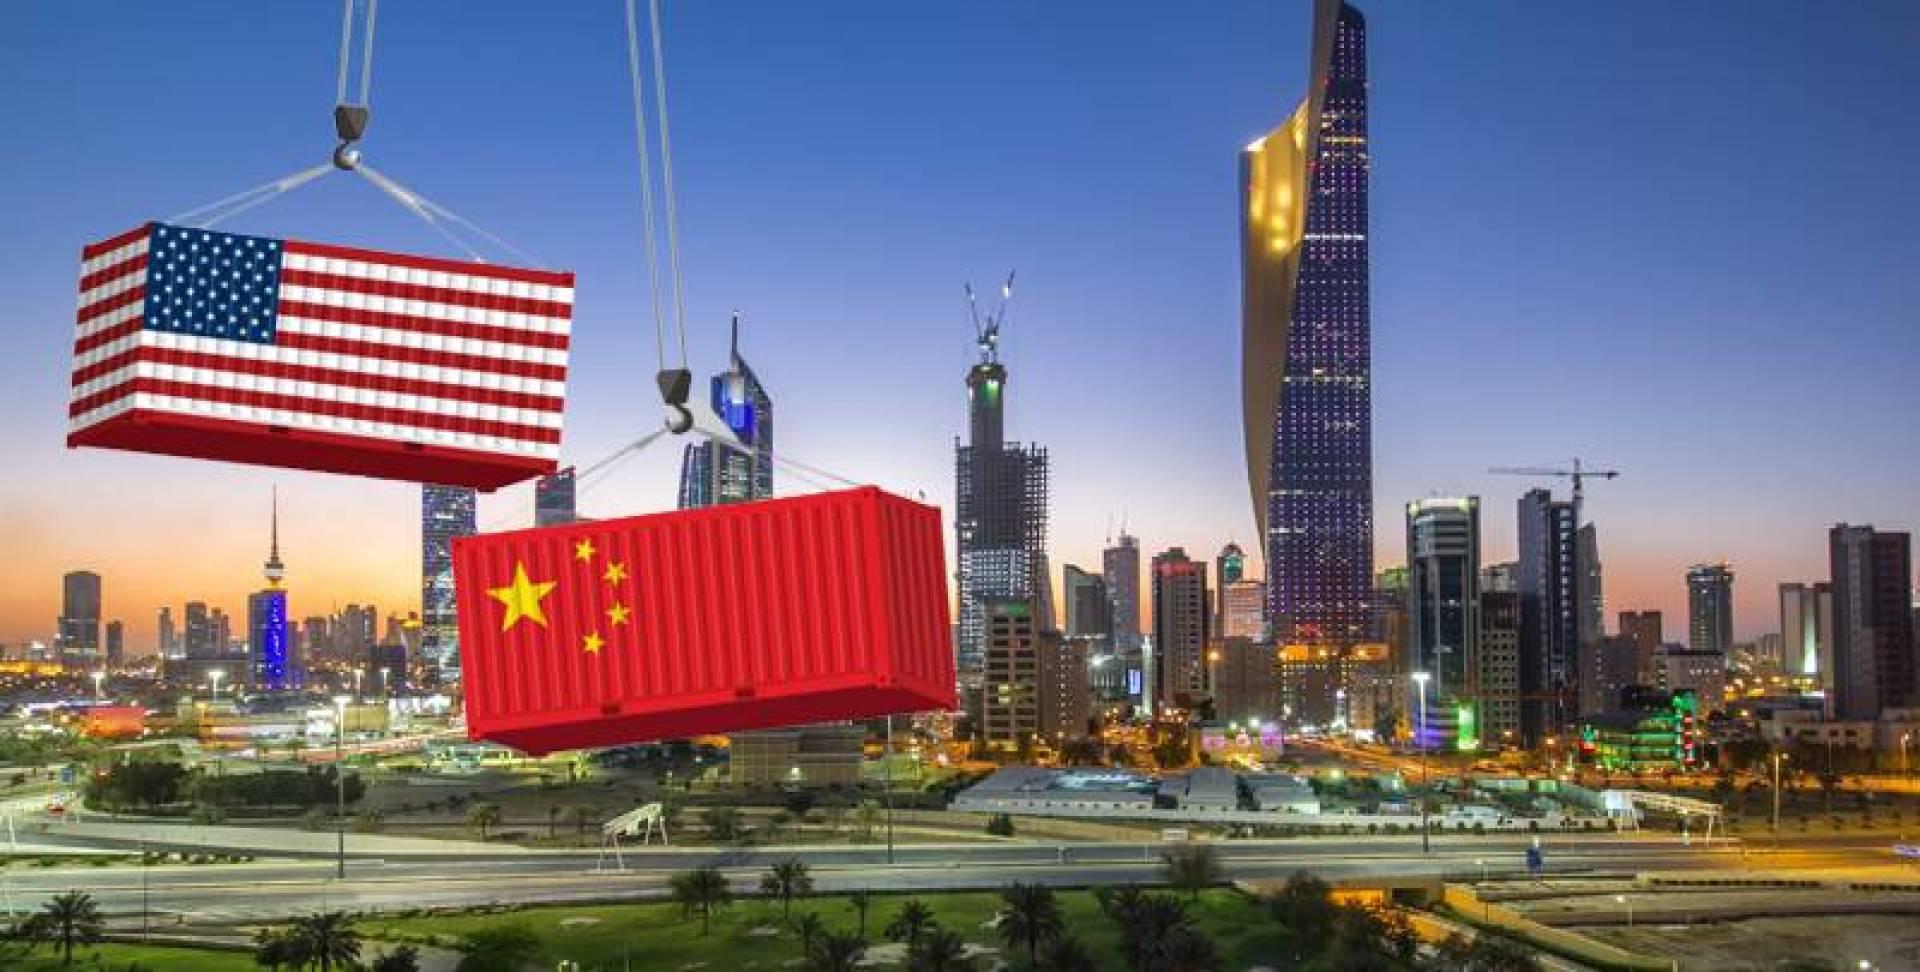 الكويت تتأثر سلباً بالحرب التجارية العالمية